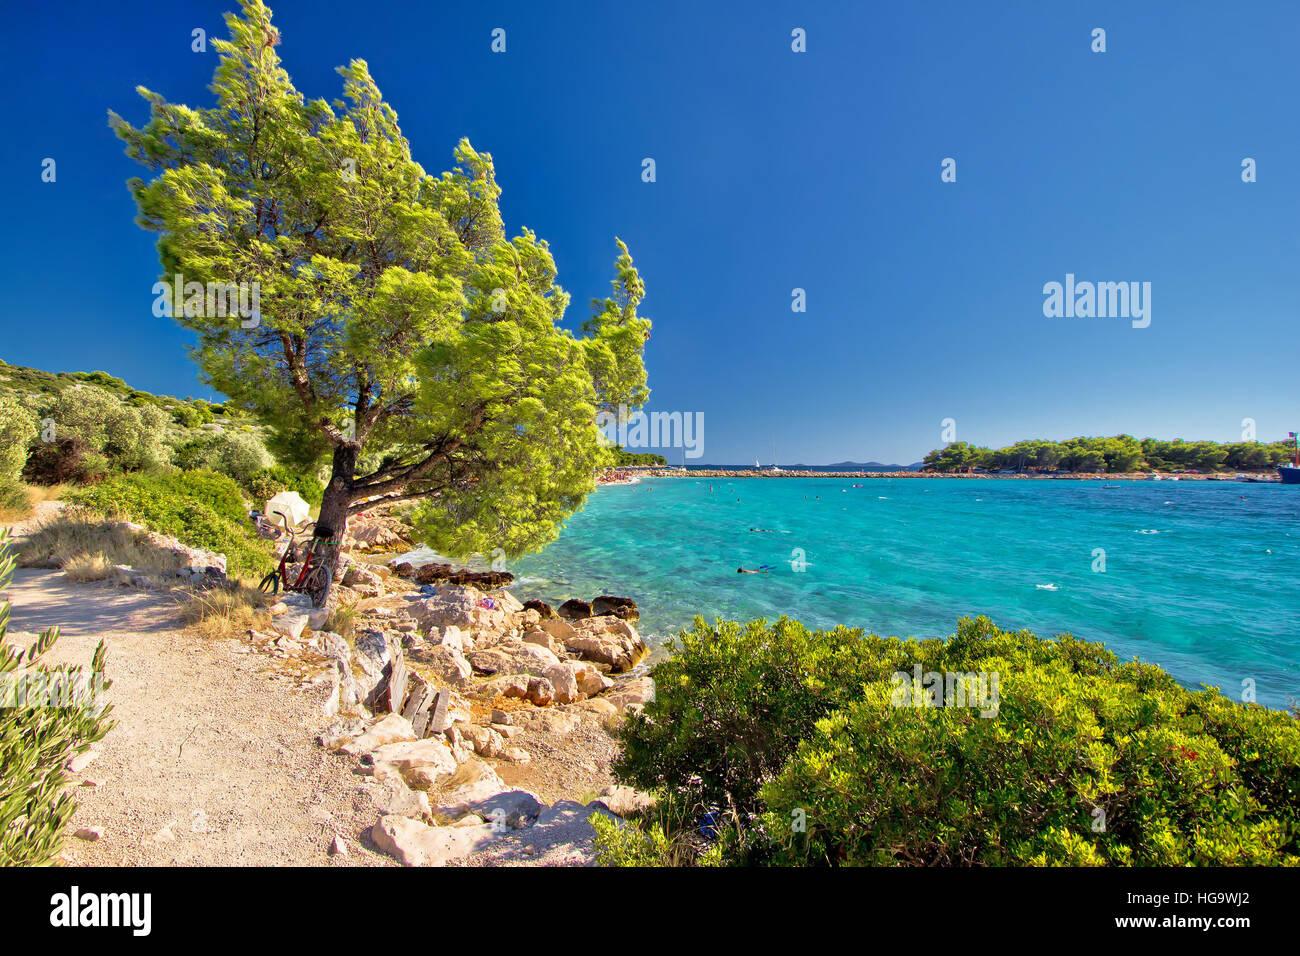 Türkis Traumstrand in Kroatien, Insel Murter Dalmatien region Stockbild